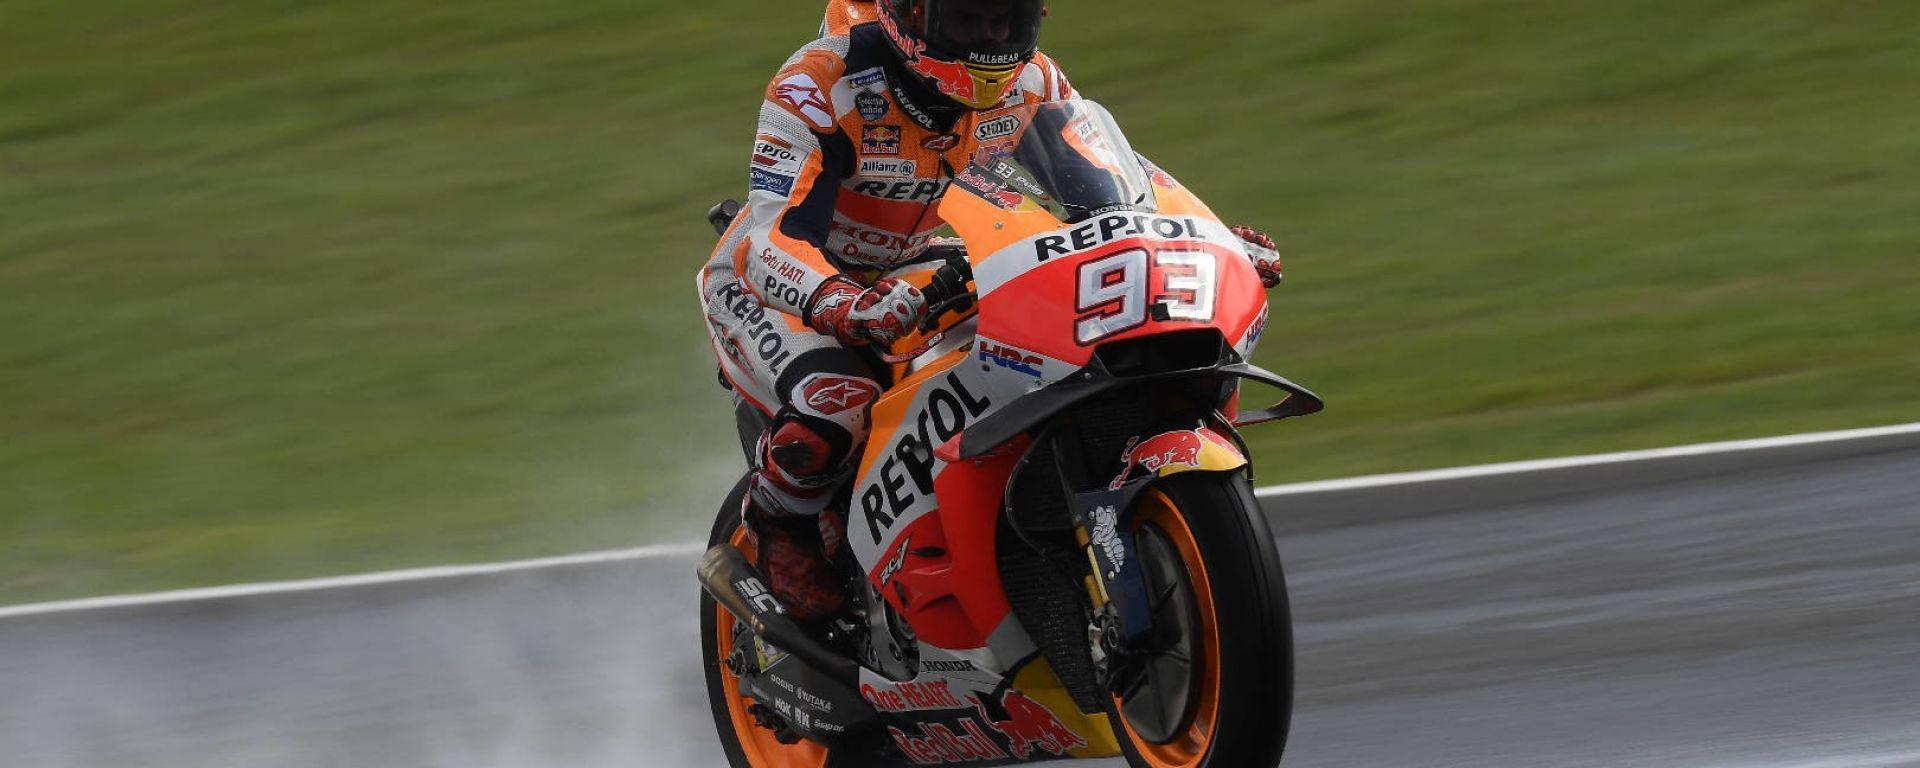 MotoGP Silverstone 2018: annullato il GP di Gran Bretagna